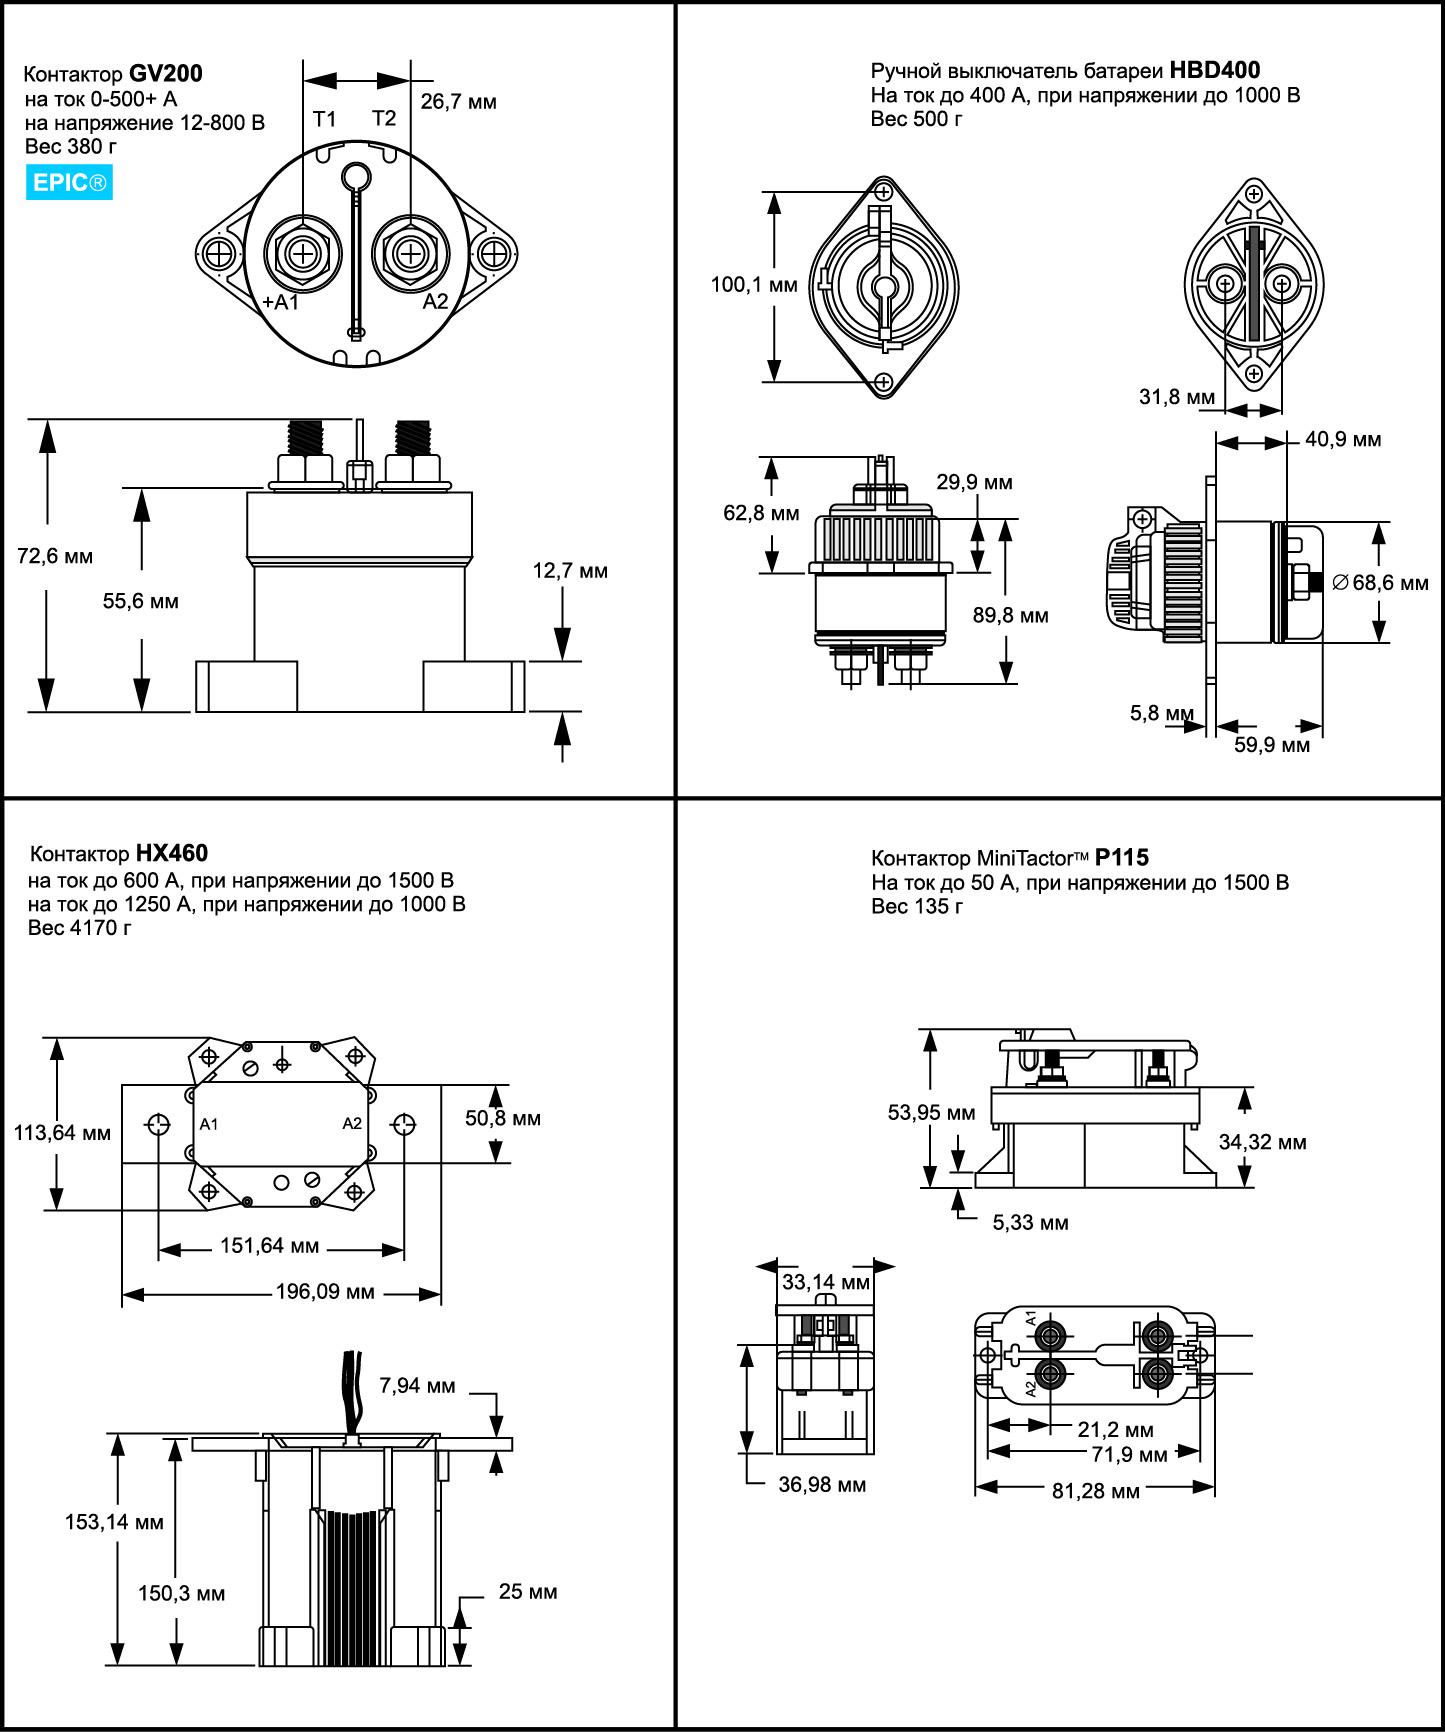 Основные технические характеристики и габариты некоторых контакторов